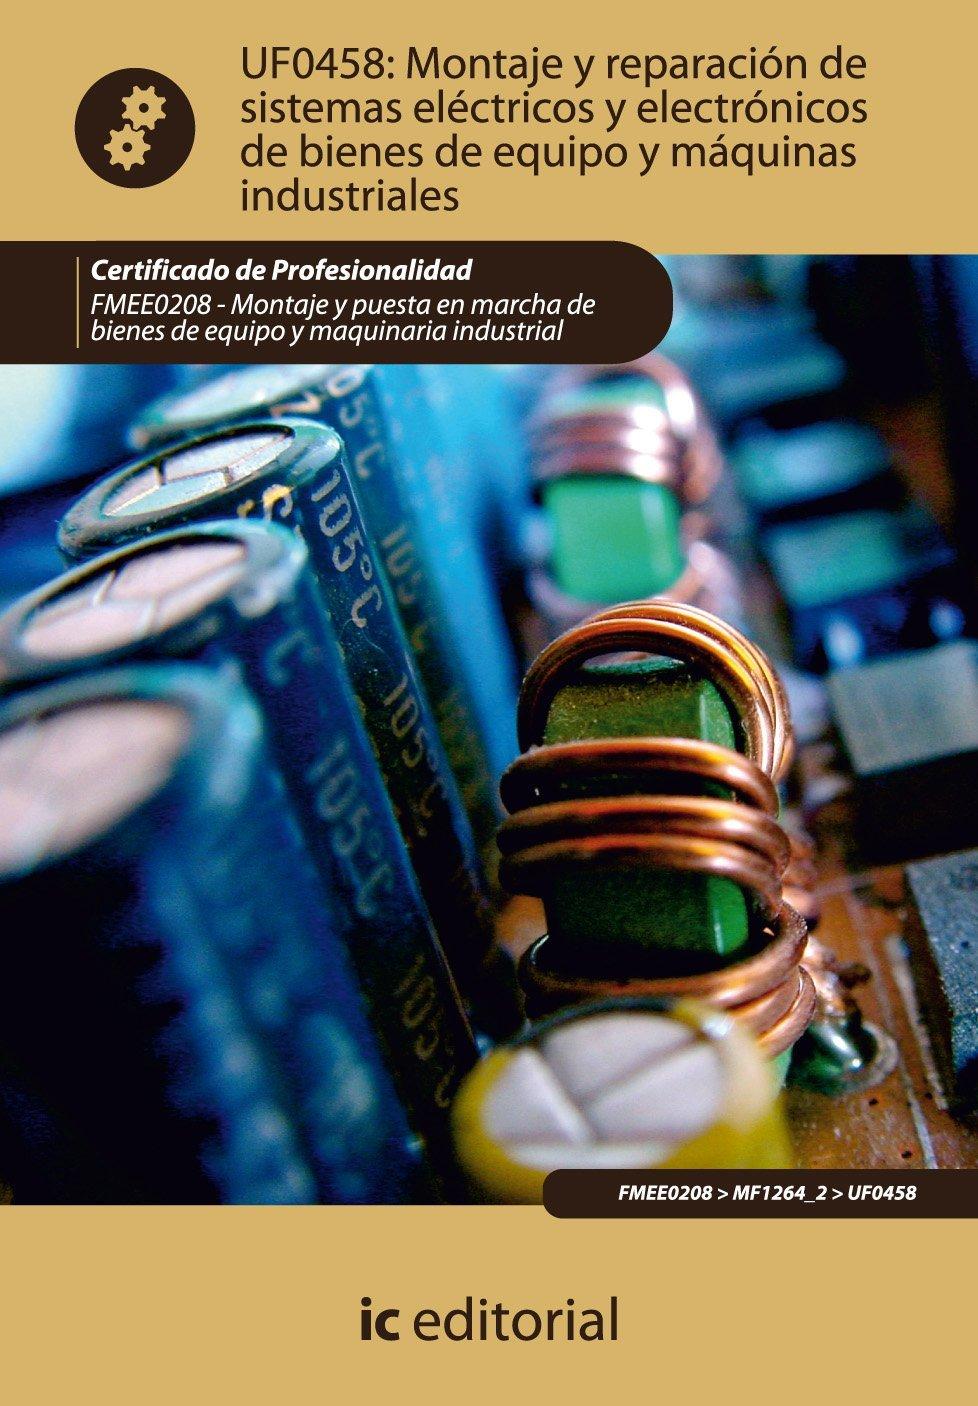 Montaje y reparacion de sistemas electricos y electronicos de bienes de equipo y maquinas industriales. FMEE0208 (Spanish Edition) (Spanish) Paperback – ...